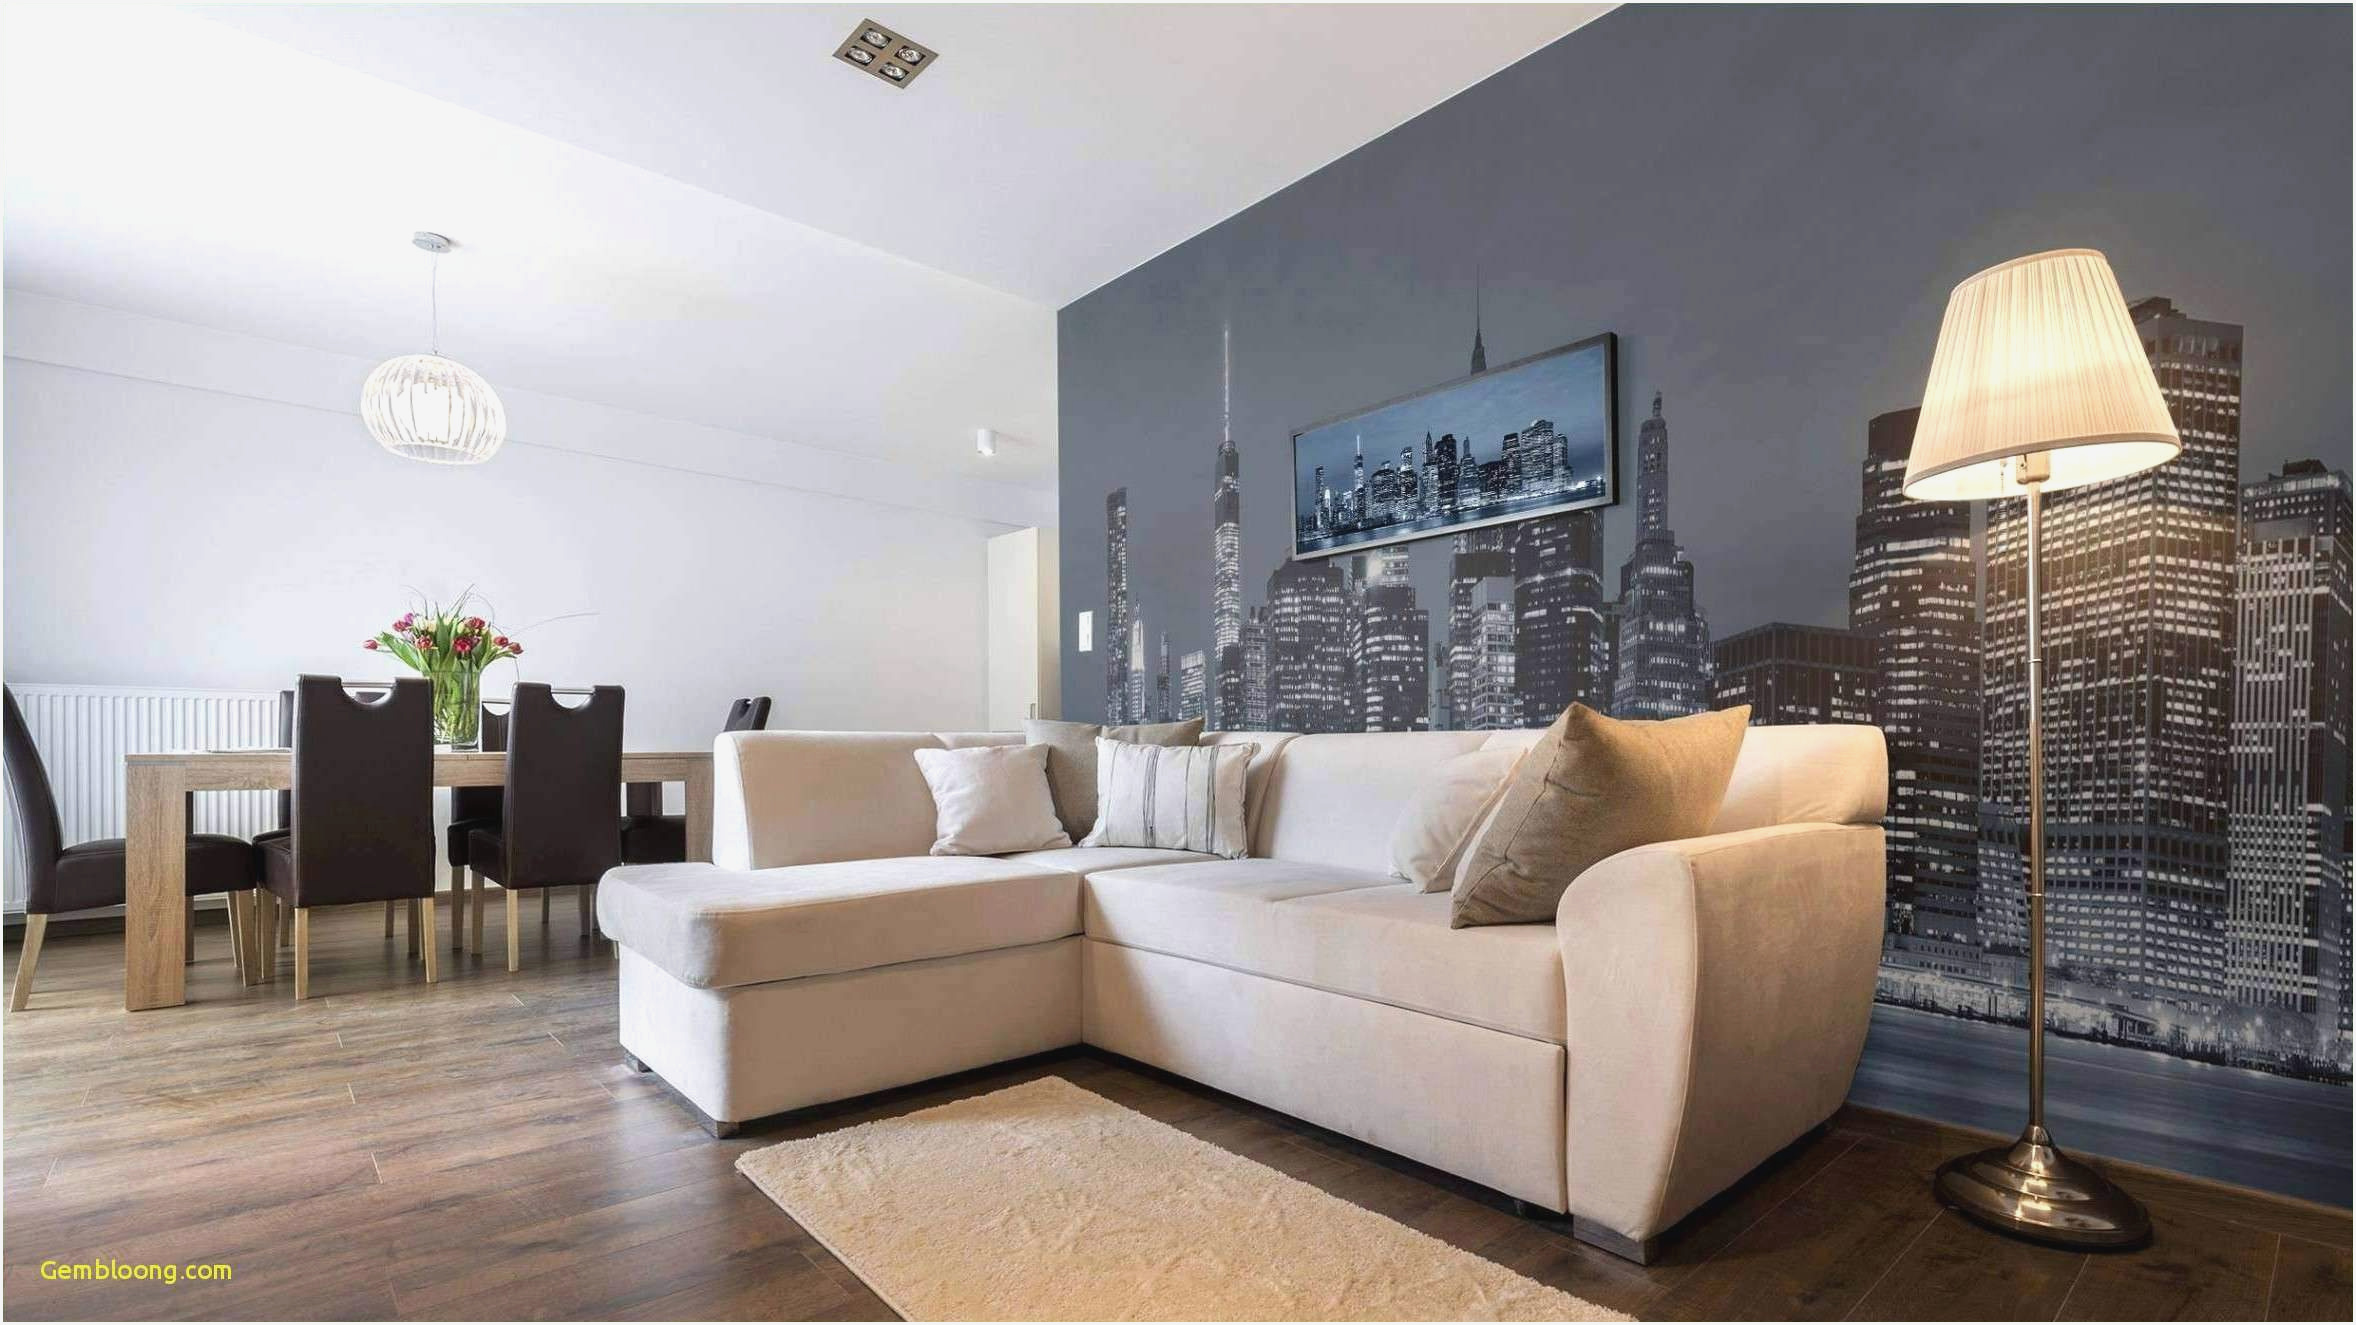 Full Size of Wanddeko Wohnzimmer Modern Ebay Metall Diy Bilder Holz Silber Selber Machen Ikea Amazon Ideen Led Deckenleuchte Dekoration Deckenleuchten Tapeten Tapete Wohnzimmer Wanddeko Wohnzimmer